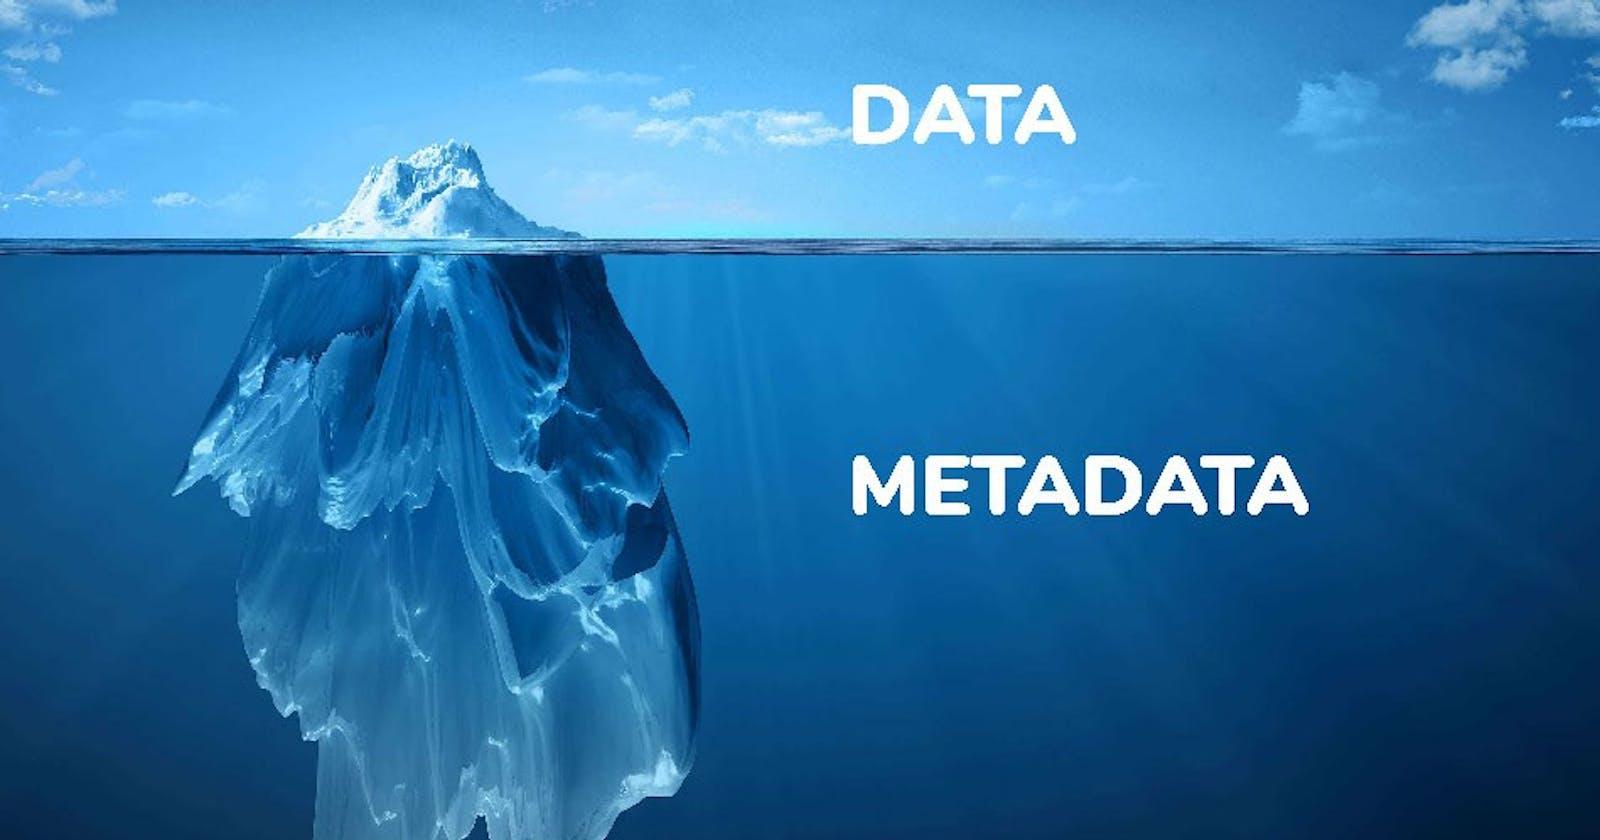 Updating Metadata on the @platform